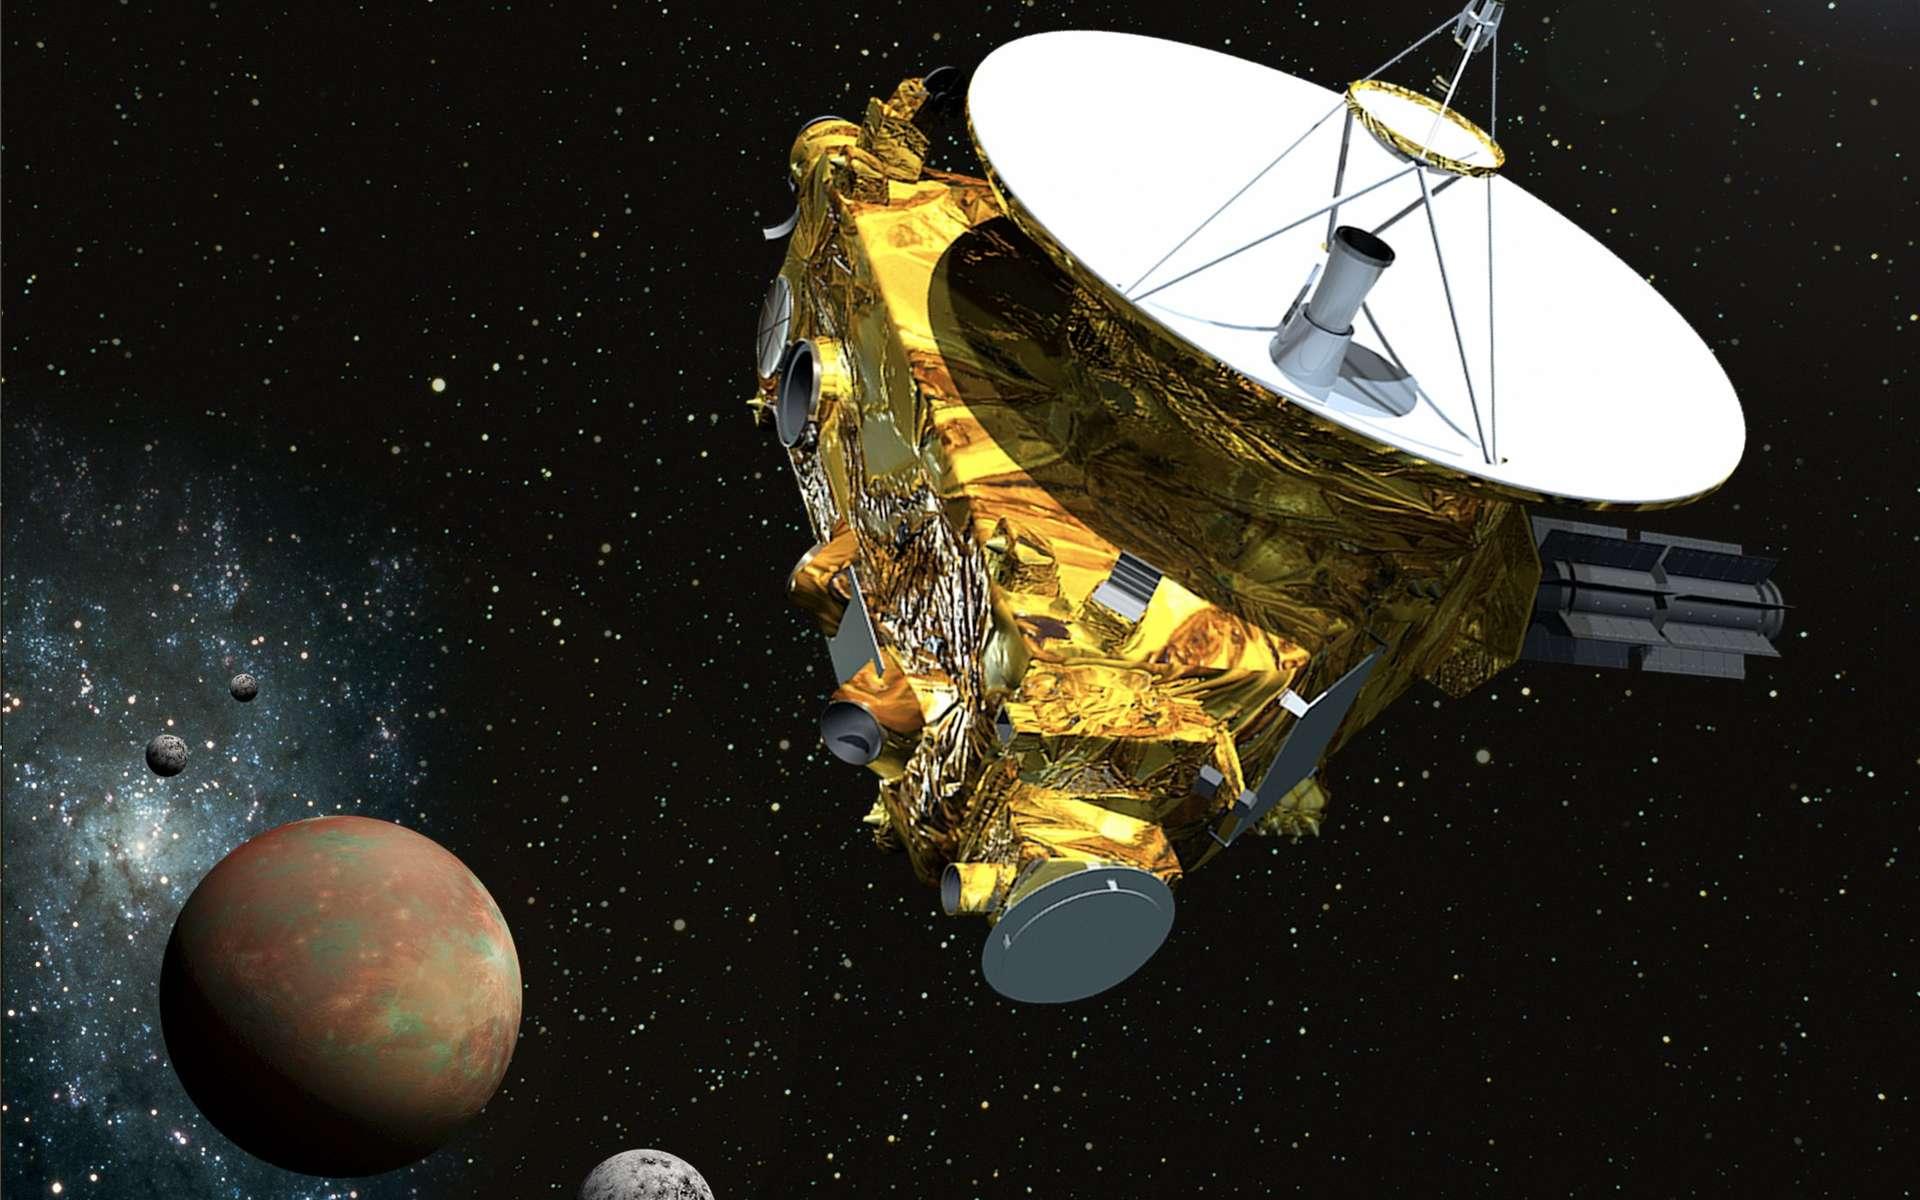 La petite sonde New Horizons (moins de 500 kg, ici en vue d'artiste à côté de Pluton et de Charon) est partie en 2006. Elle n'est qu'à huit jours de son survol historique, le 14 juillet prochain. © Nasa, JPL